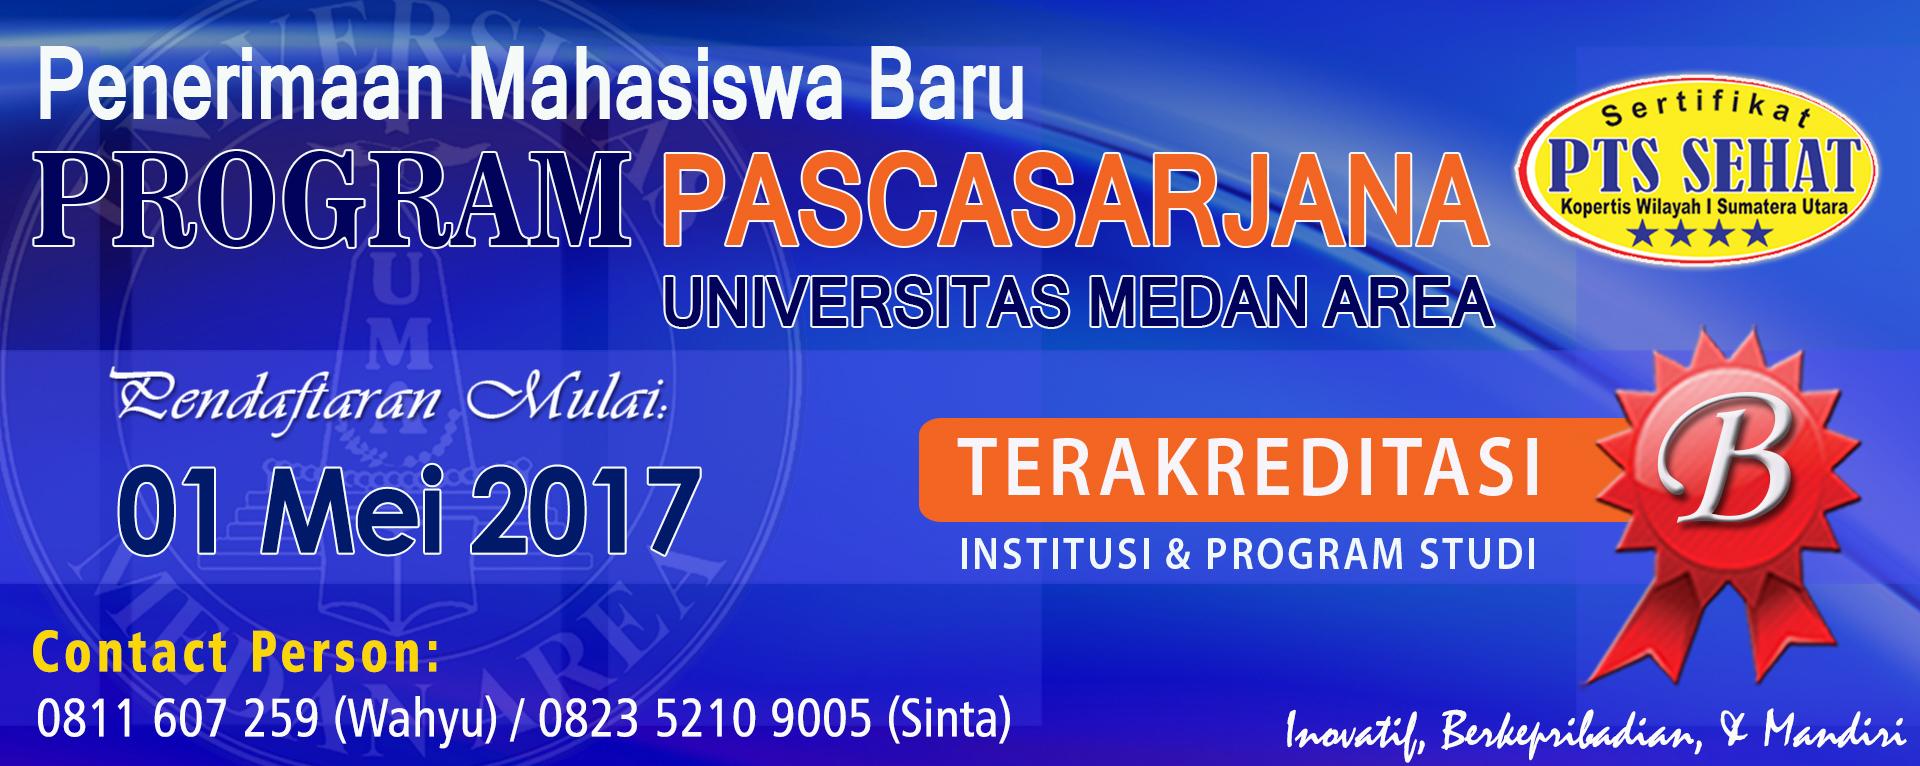 PMB Pascasarjana TA 2017/2018